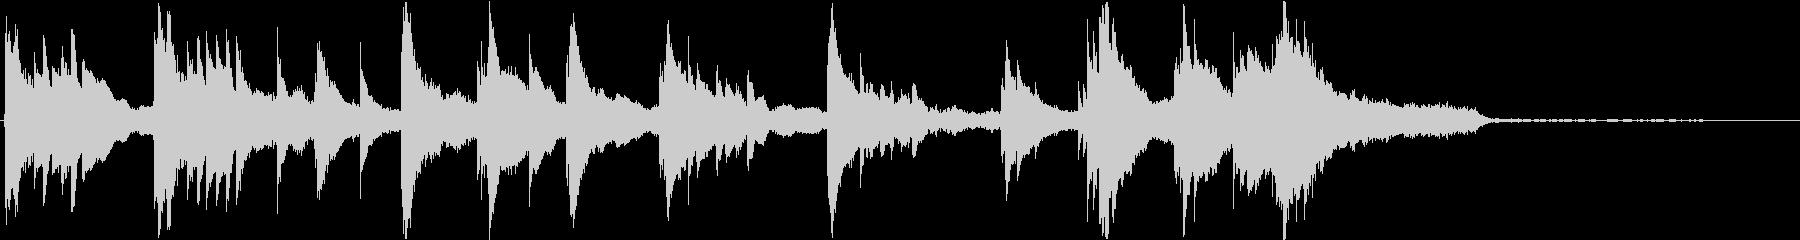 映画用ピアノ、シーン導入(短いフレーズ)の未再生の波形